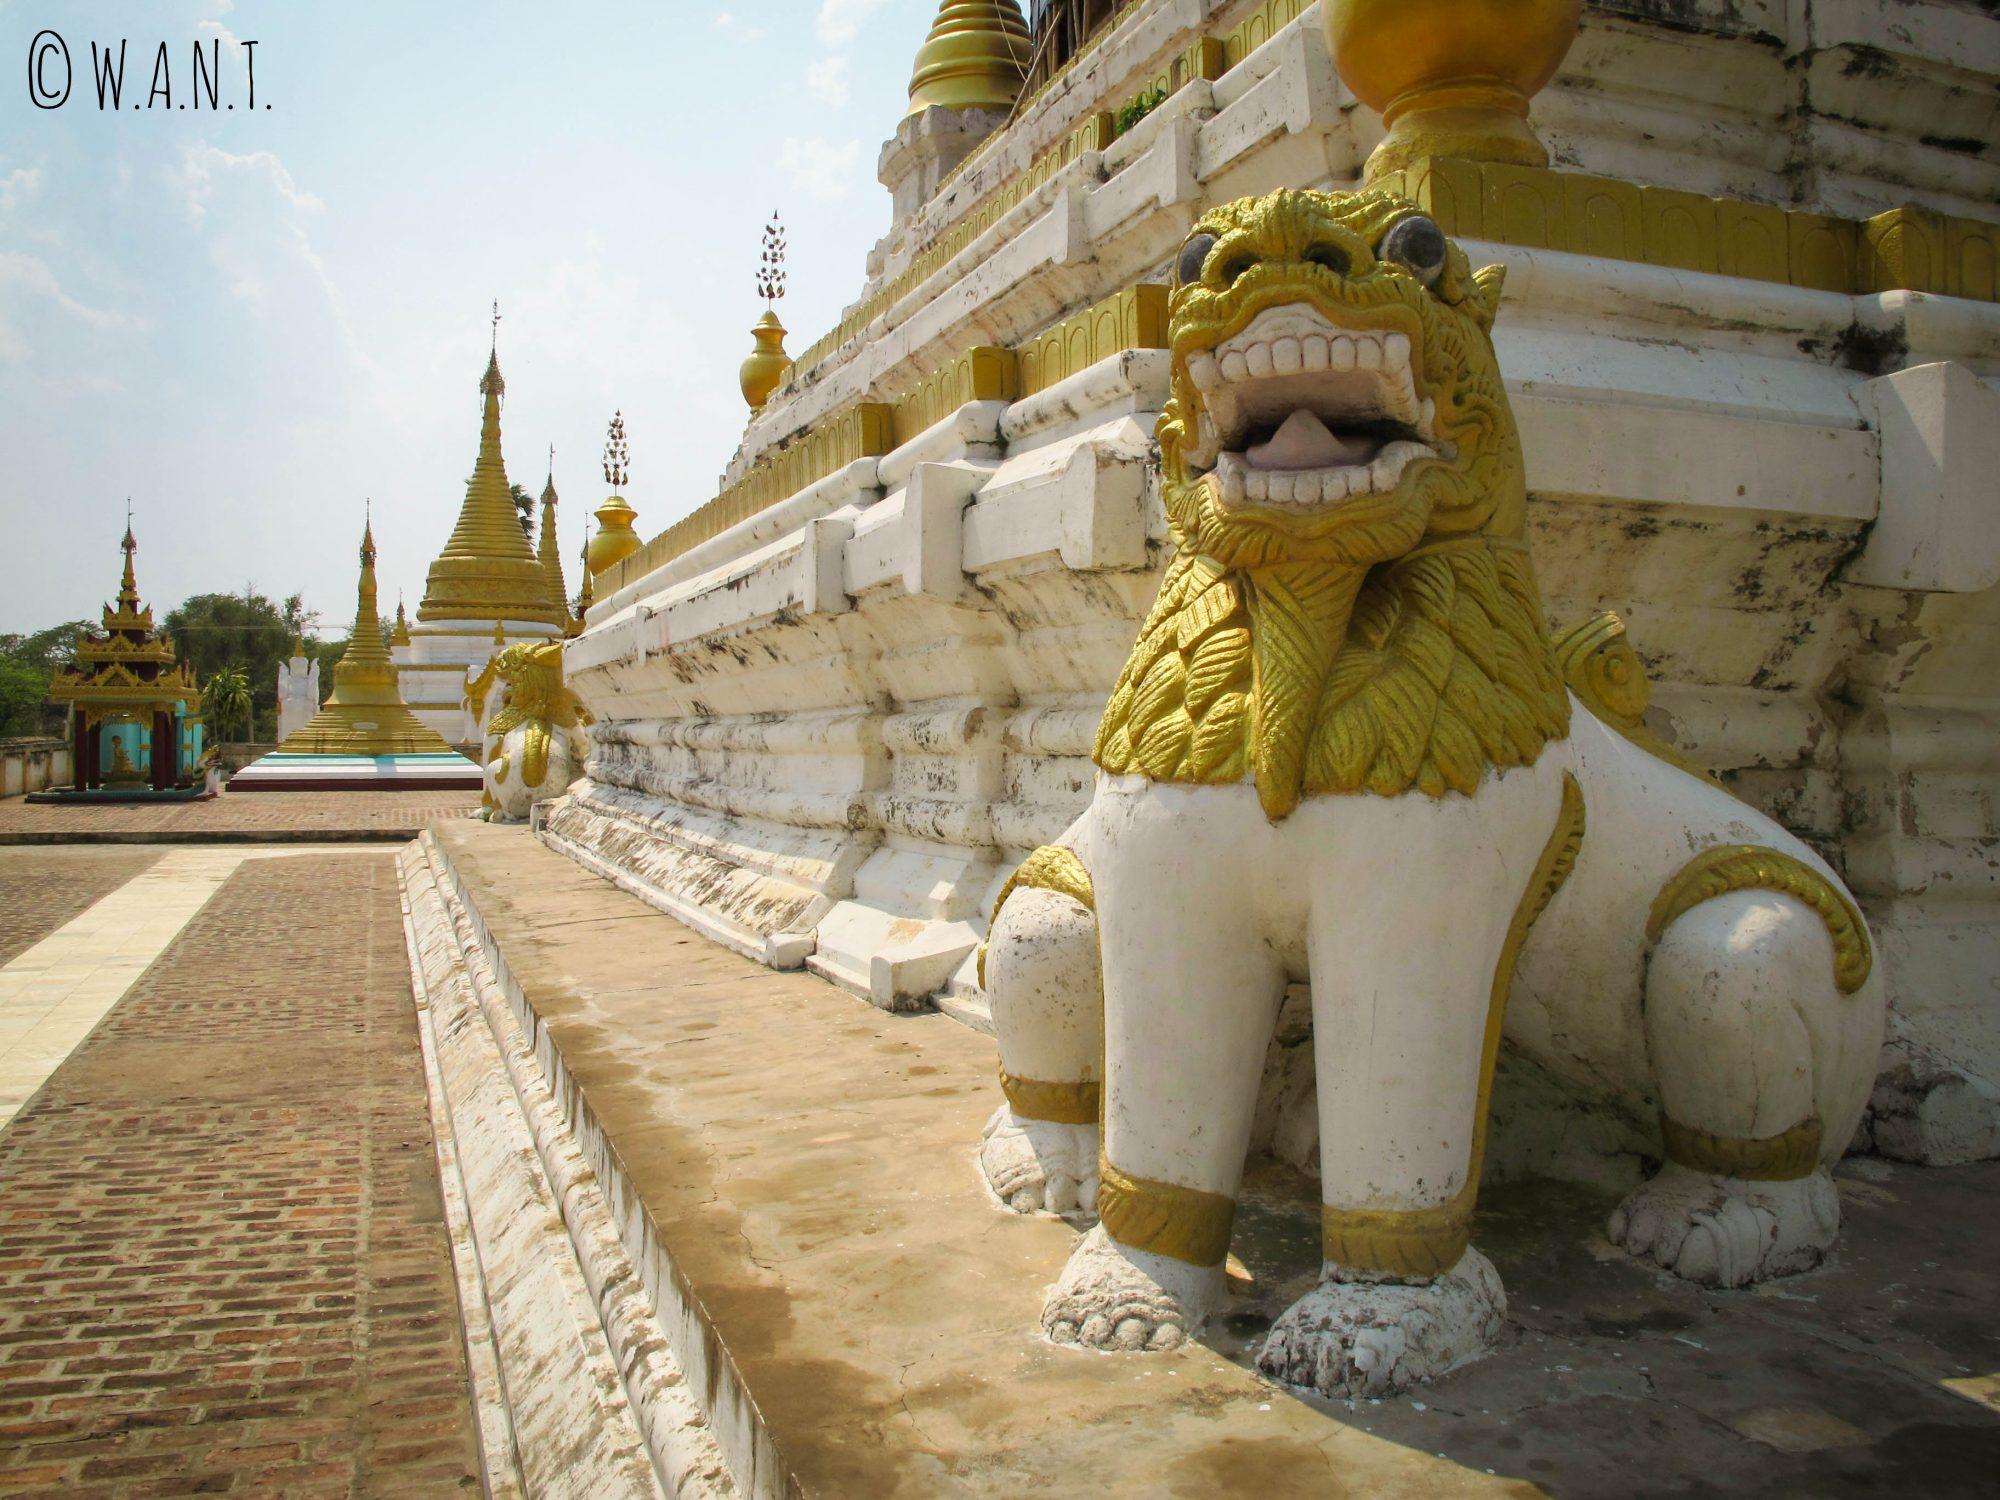 Représentation d'un lion protecteur au monastère Maha Aung Mue Bonzan